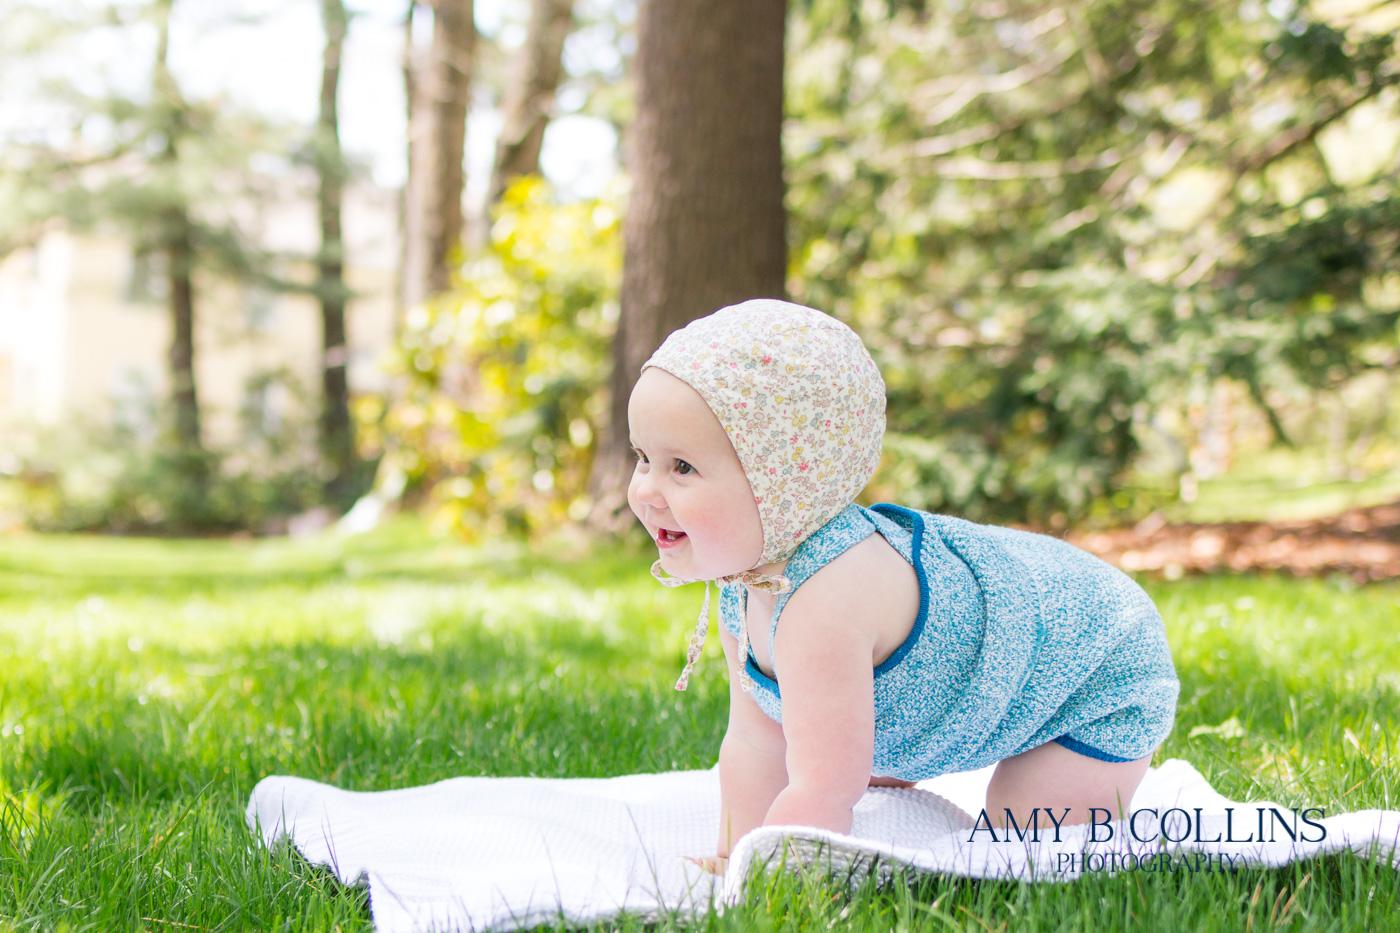 Amy_B_Collins_Photography_Needham Baby Photographer - 03.jpg